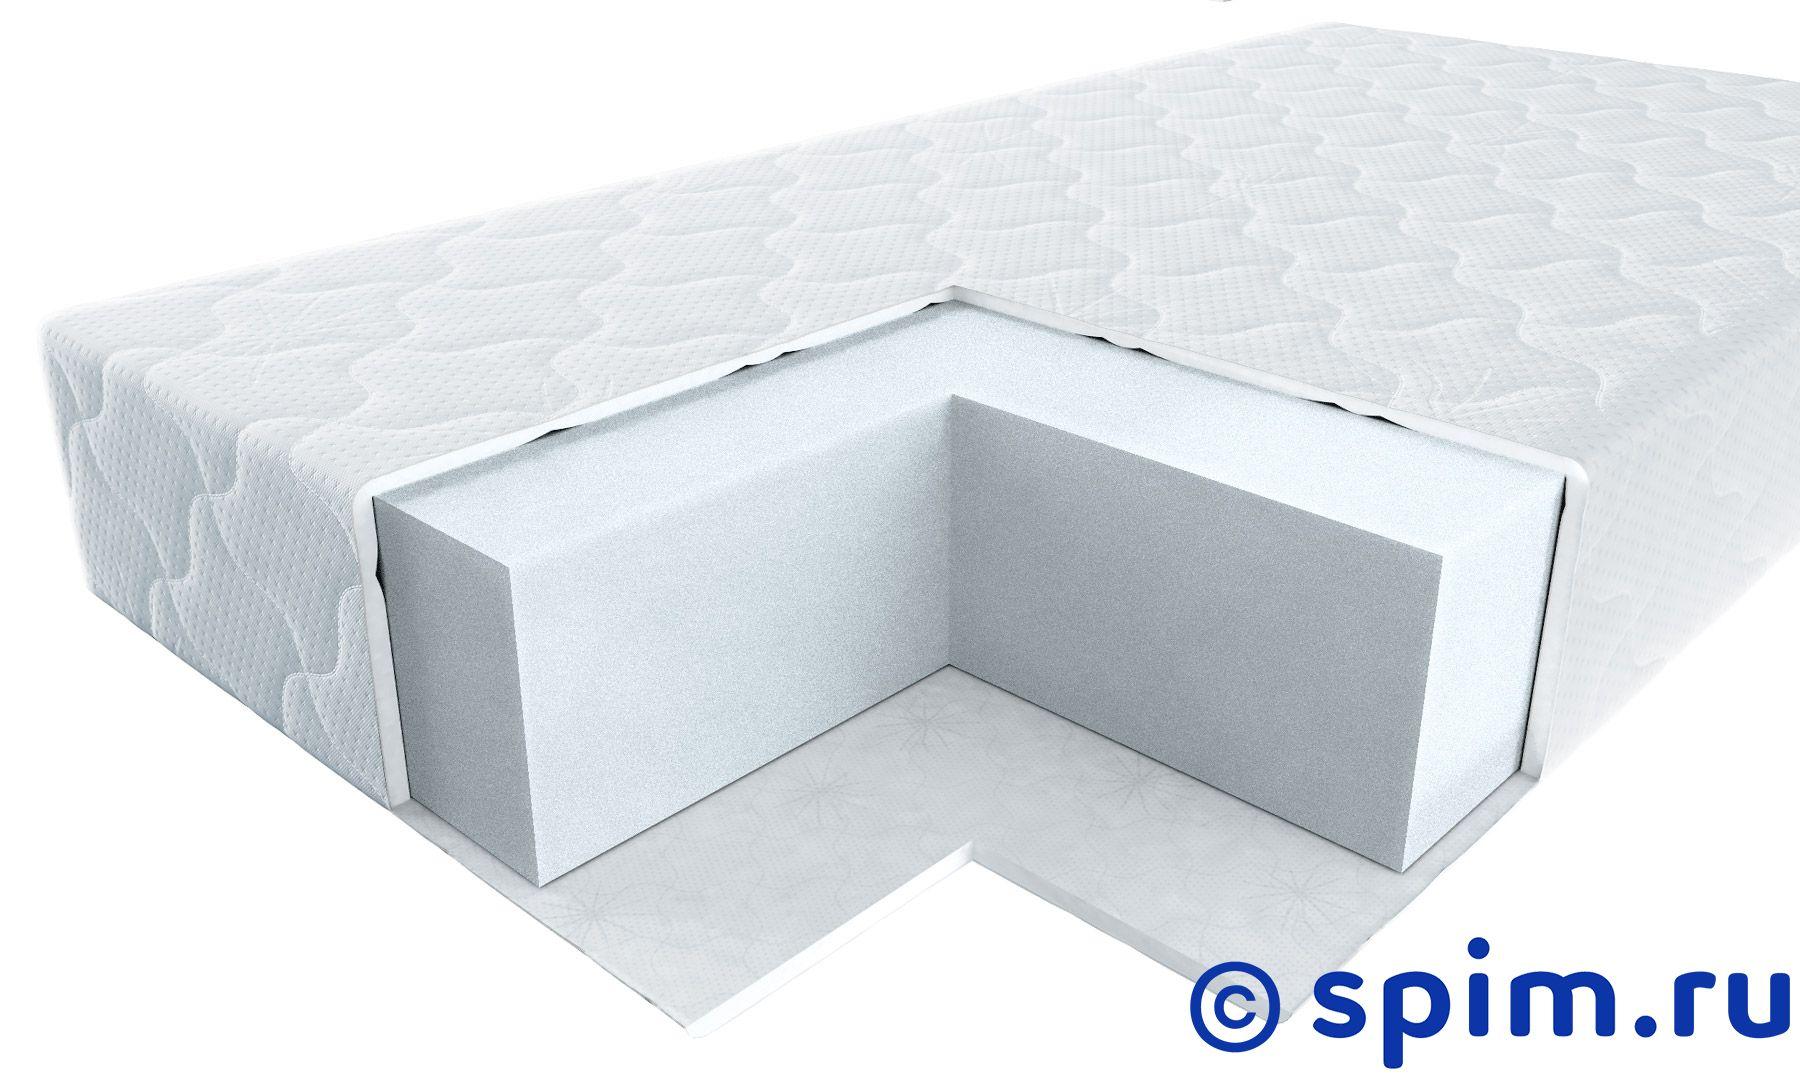 Матрас Вегас Smart Tempo 80х200 смМатрасы Vegas Smart<br>Беспружинный средне-жесткий матрас на основе материала Smartflex Soft. Чехол из ткани Jersey. Нагрузка, кг: 90. Высота, см: 17. Поставляется в скрученной упаковке. Размер Vegas Смарт Темпо односпальный: 80 x 200 см<br><br>Ширина см: 80<br>Длина см: 200